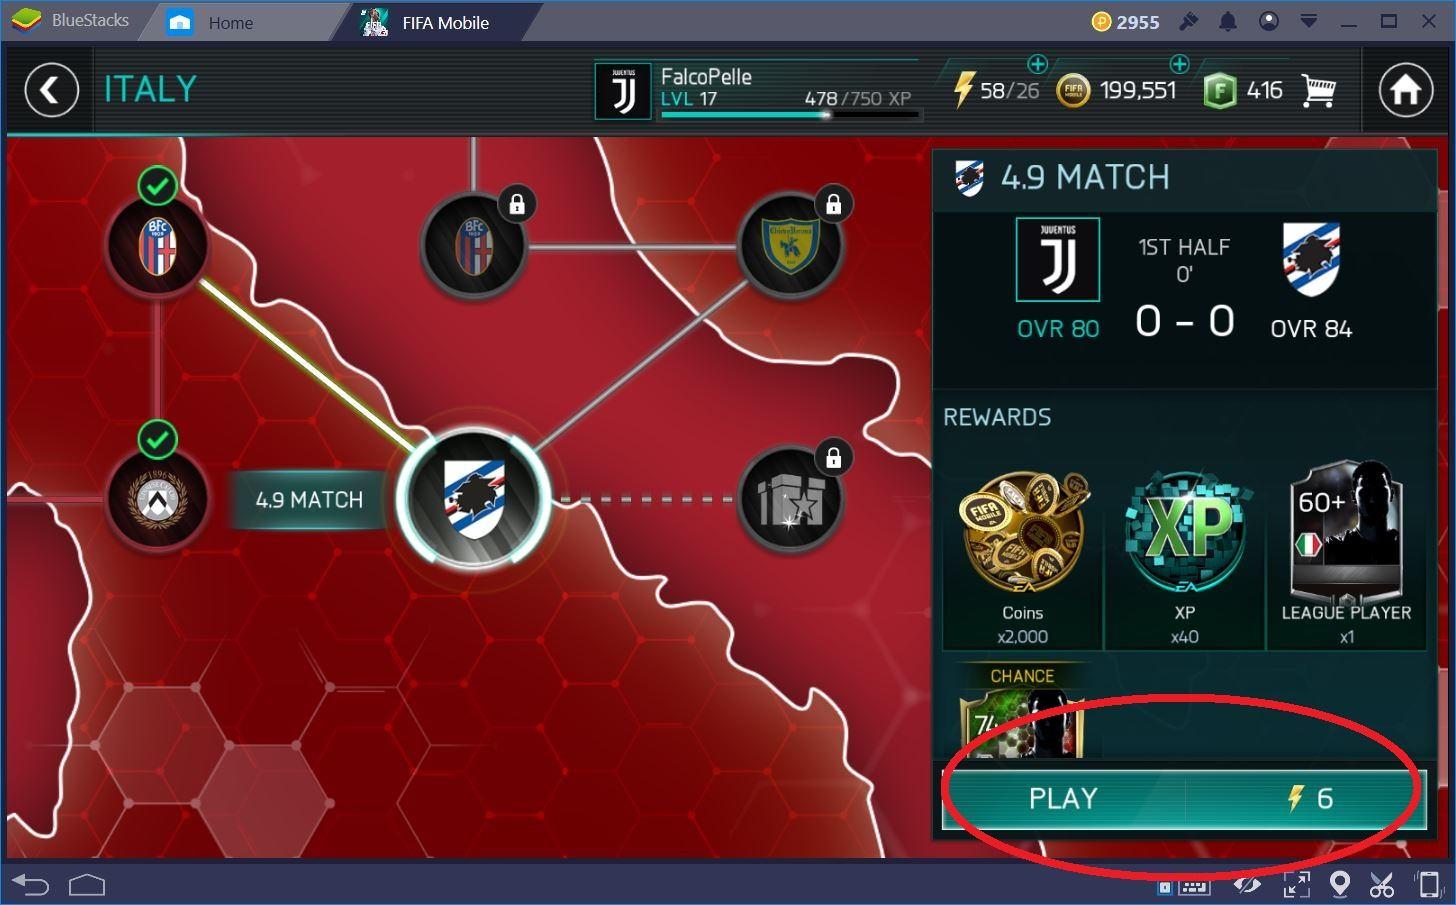 I Motivi del Successo di FIFA Calcio: FIFA World Cup (FIFA Mobile)